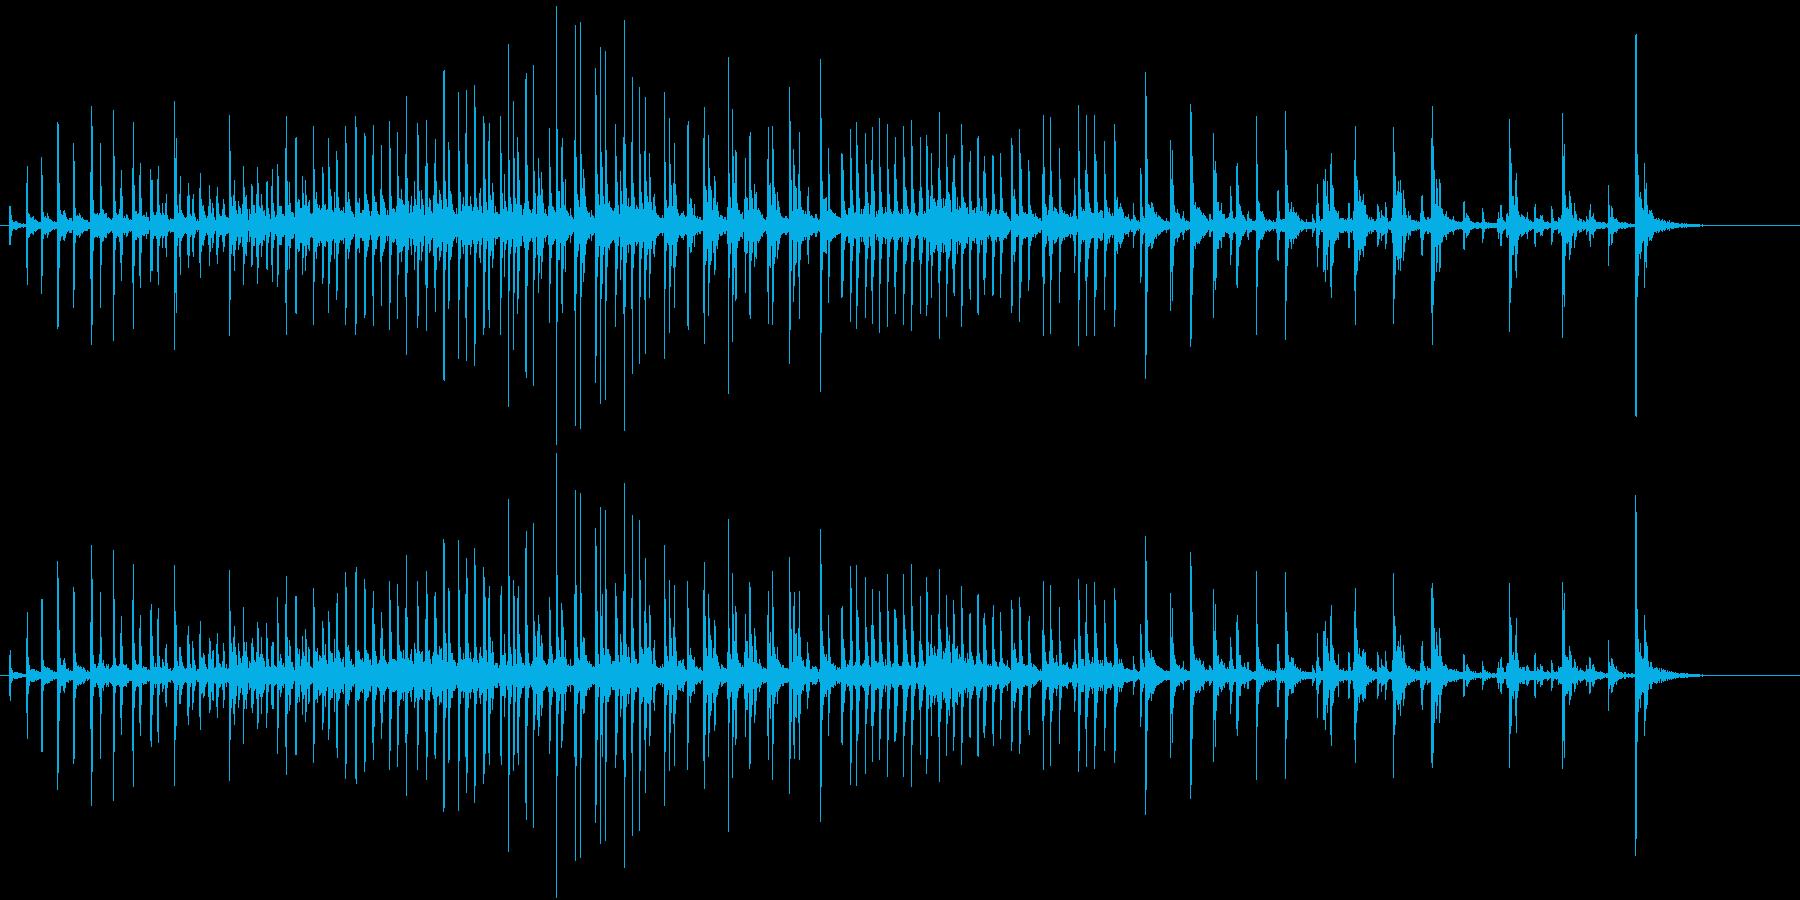 【生録音】パッケージ 開封音 13の再生済みの波形